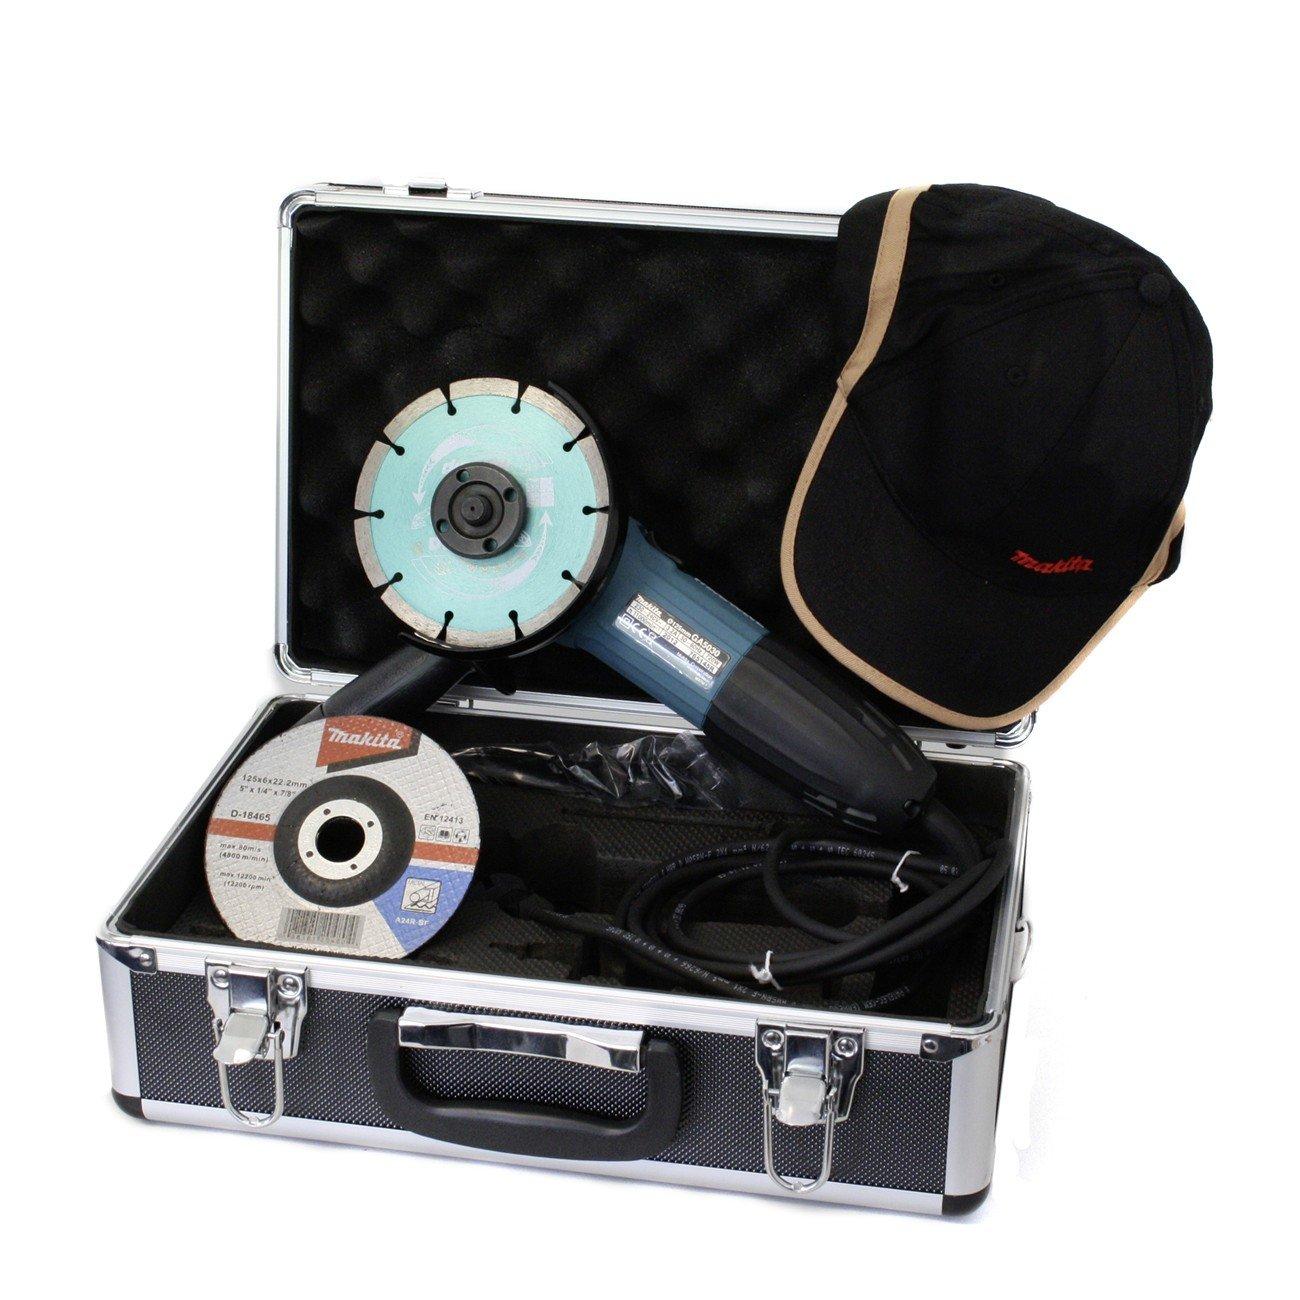 Makita GA5030KSP1 Winkelschleifer im Koffer inkl. Zubehör  BaumarktKritiken und weitere Informationen